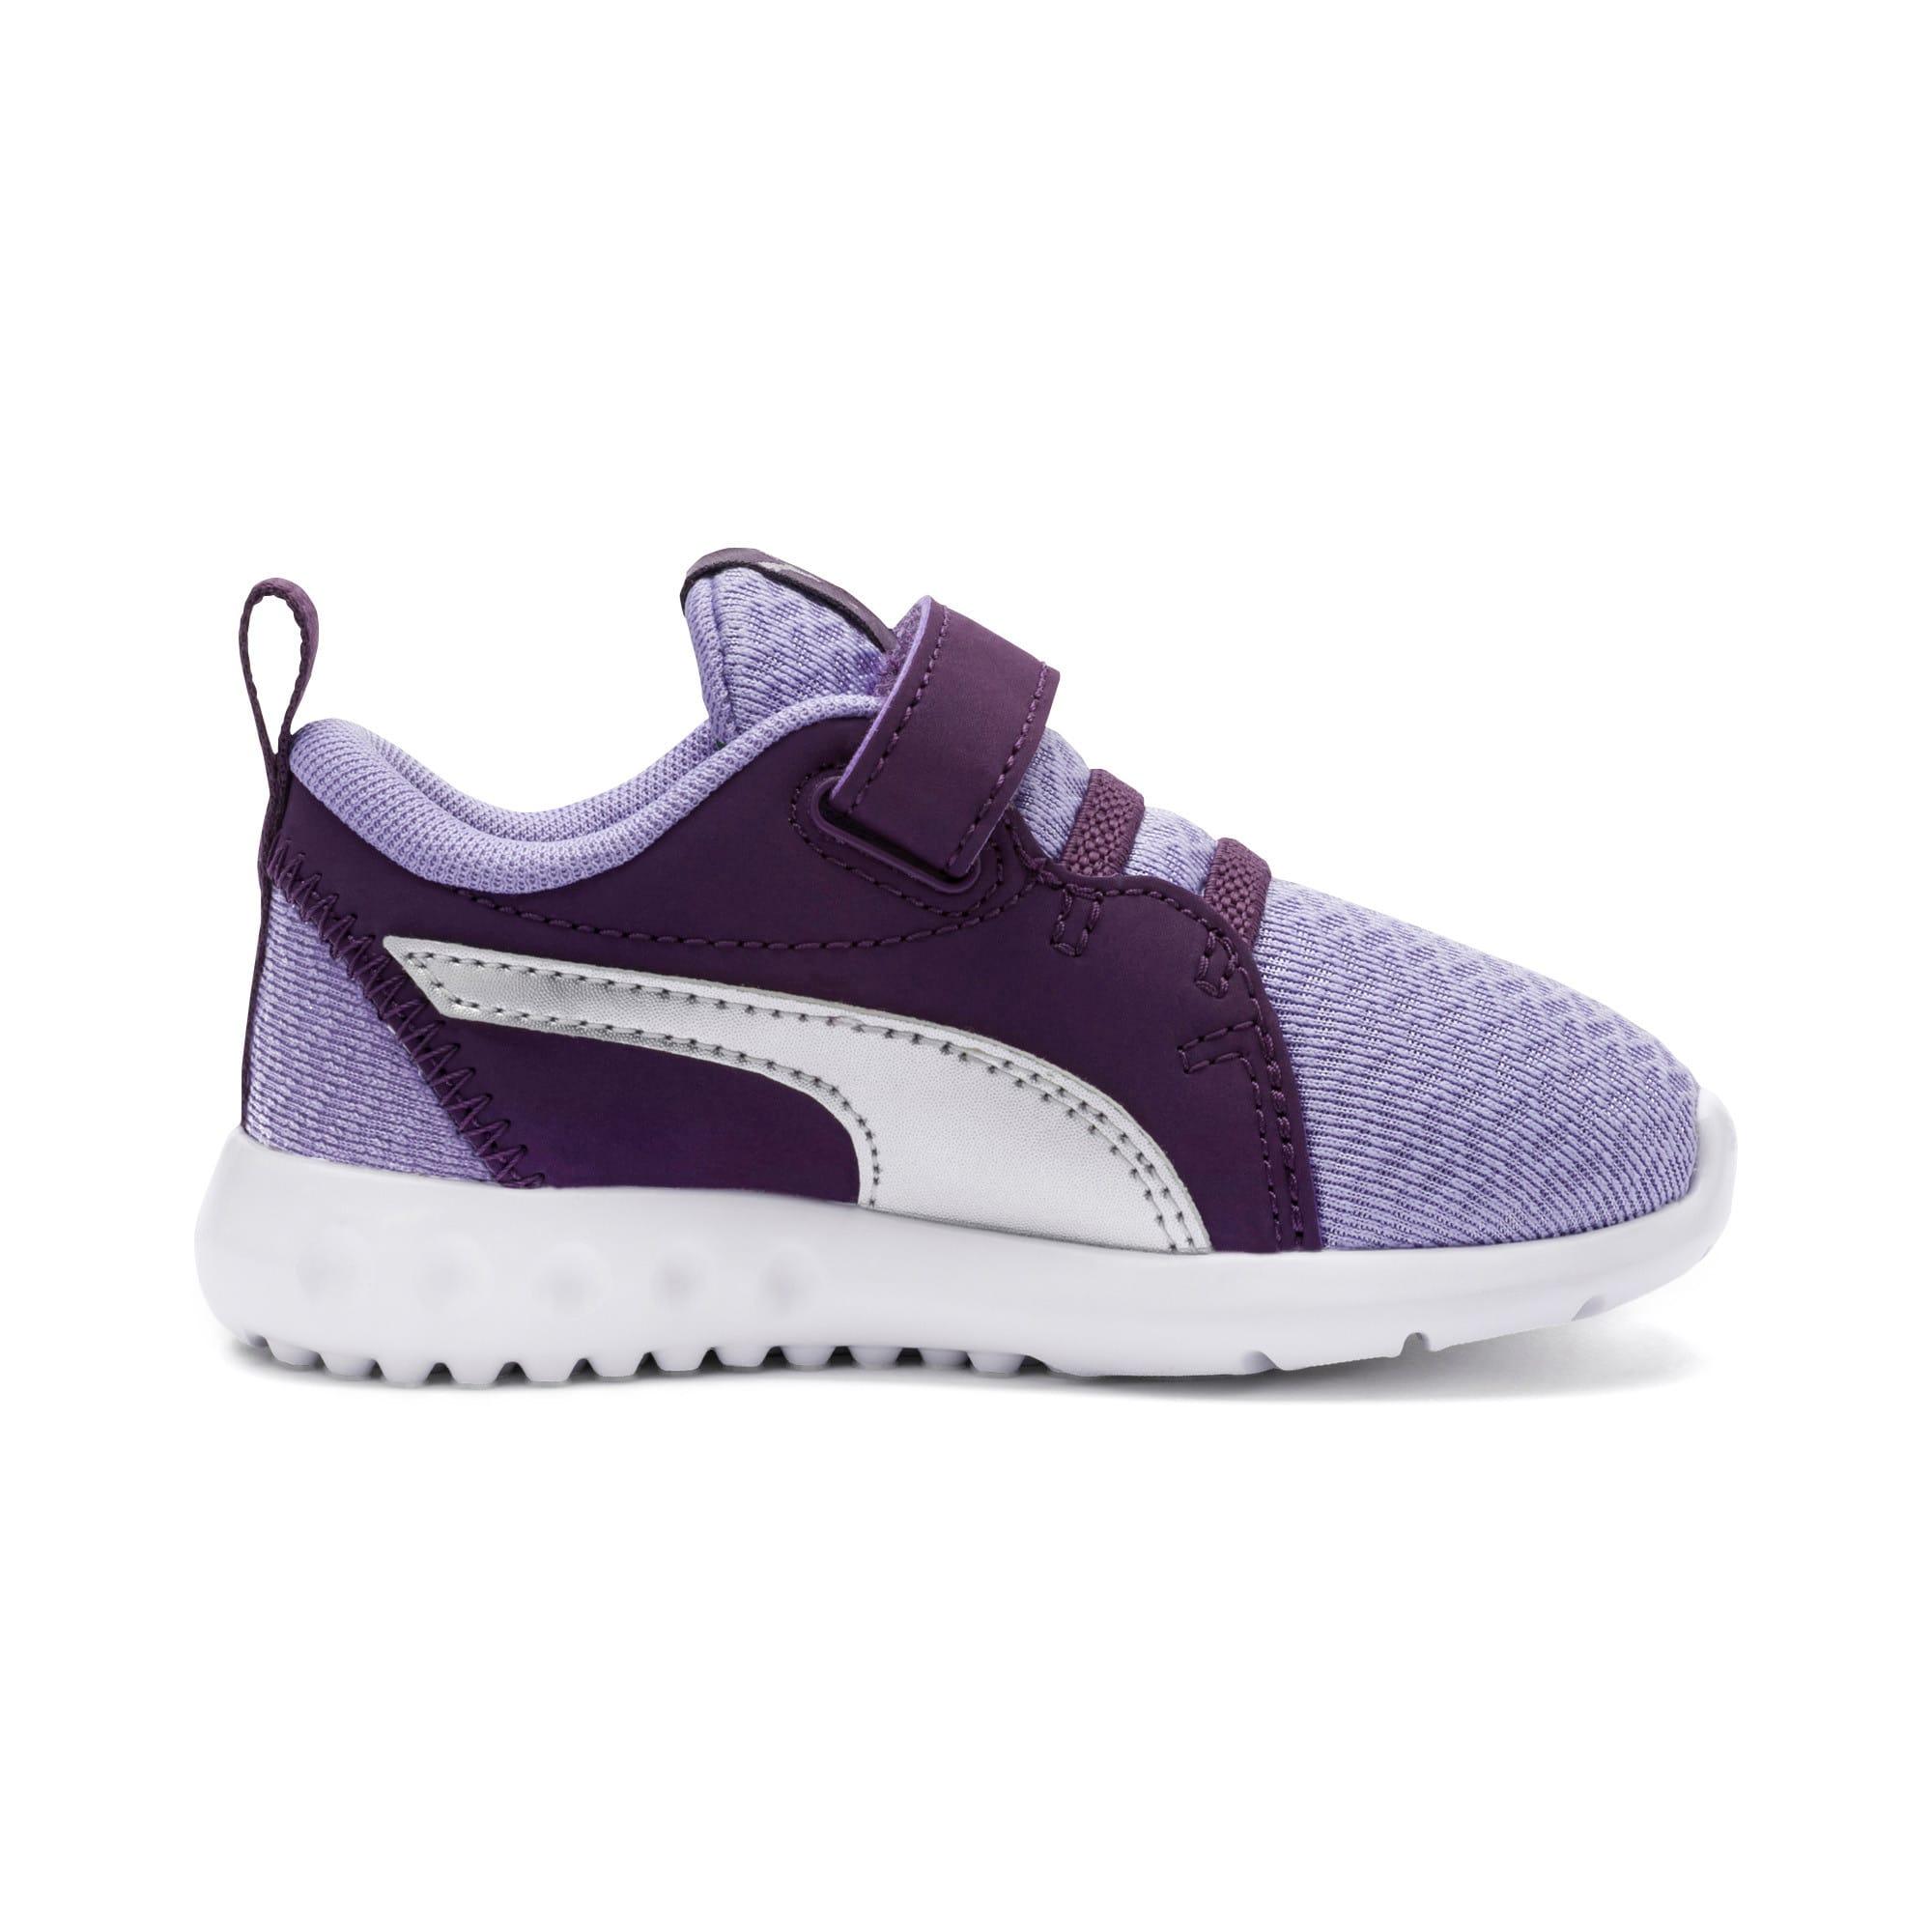 Thumbnail 5 of Carson 2 Metallic Toddler Shoes, Sweet Lavender-Indigo, medium